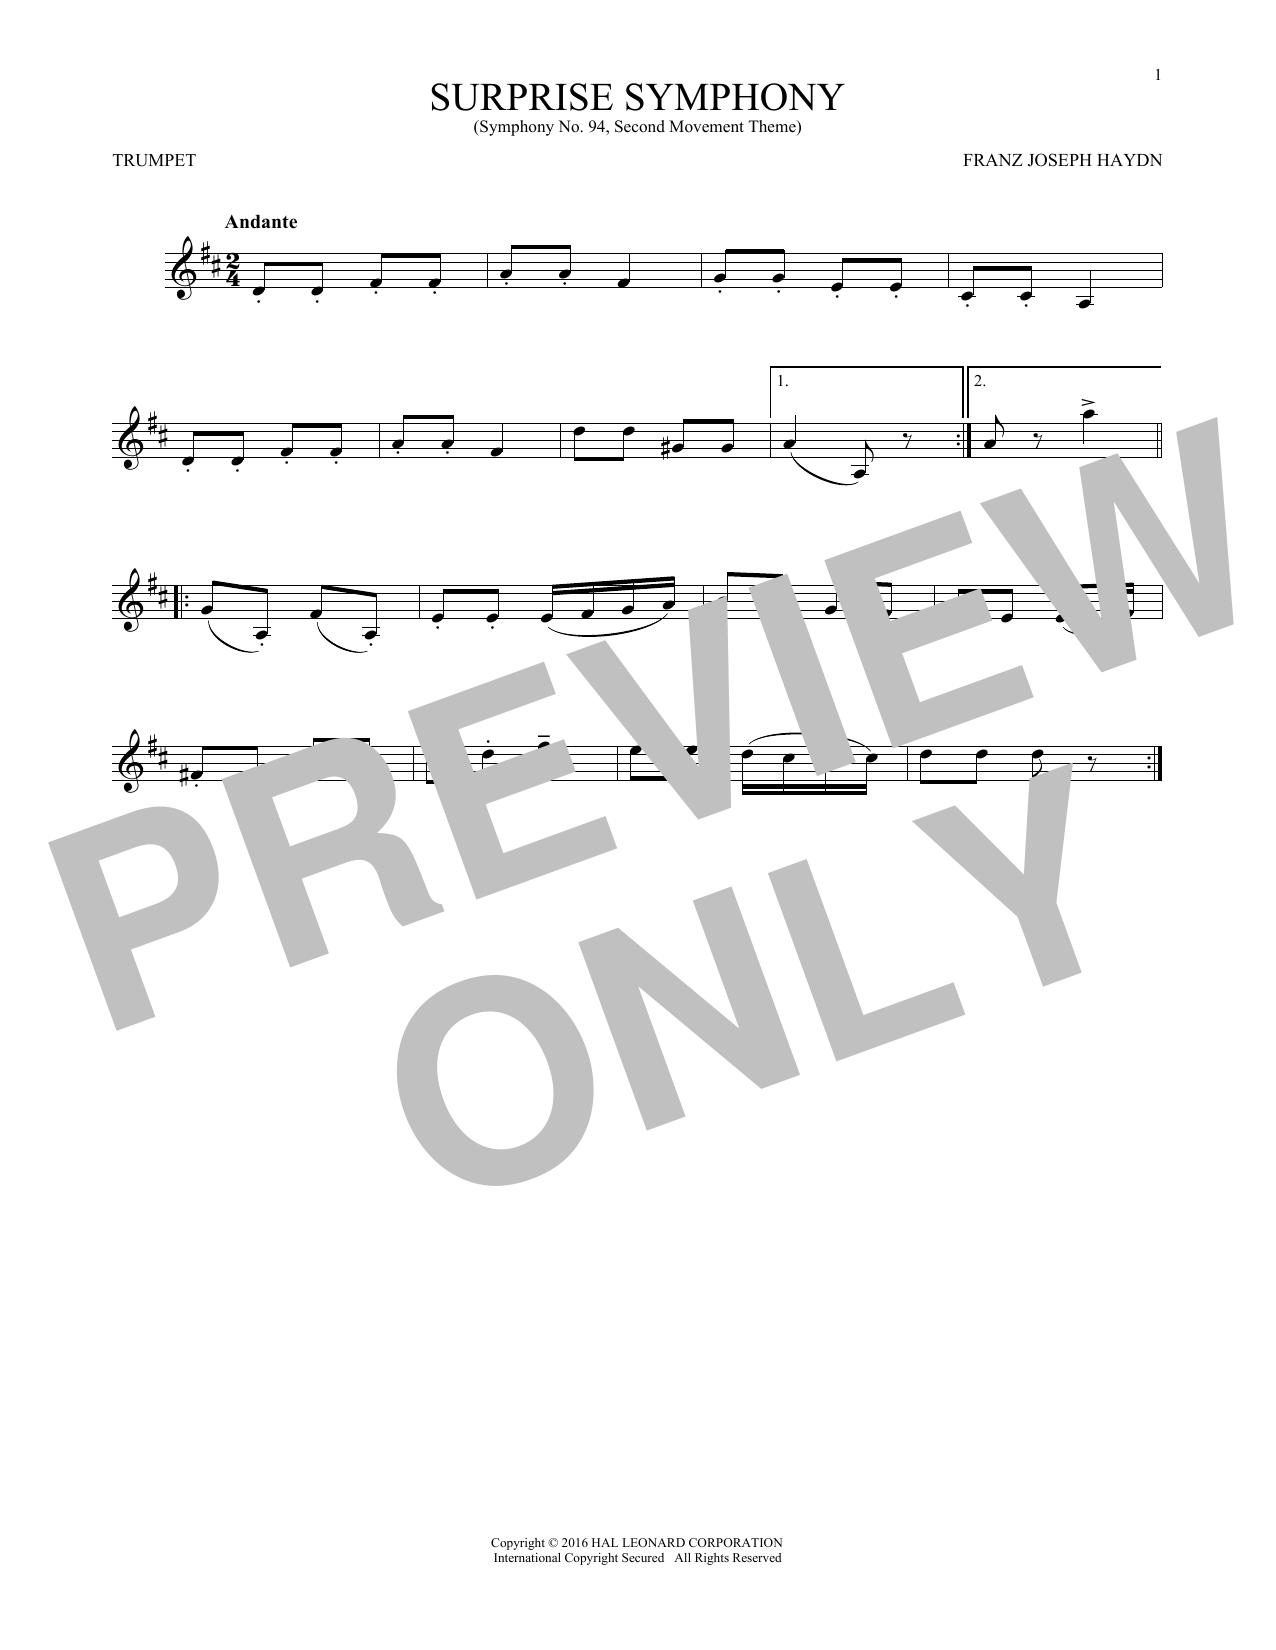 The Surprise Symphony (Trumpet Solo)